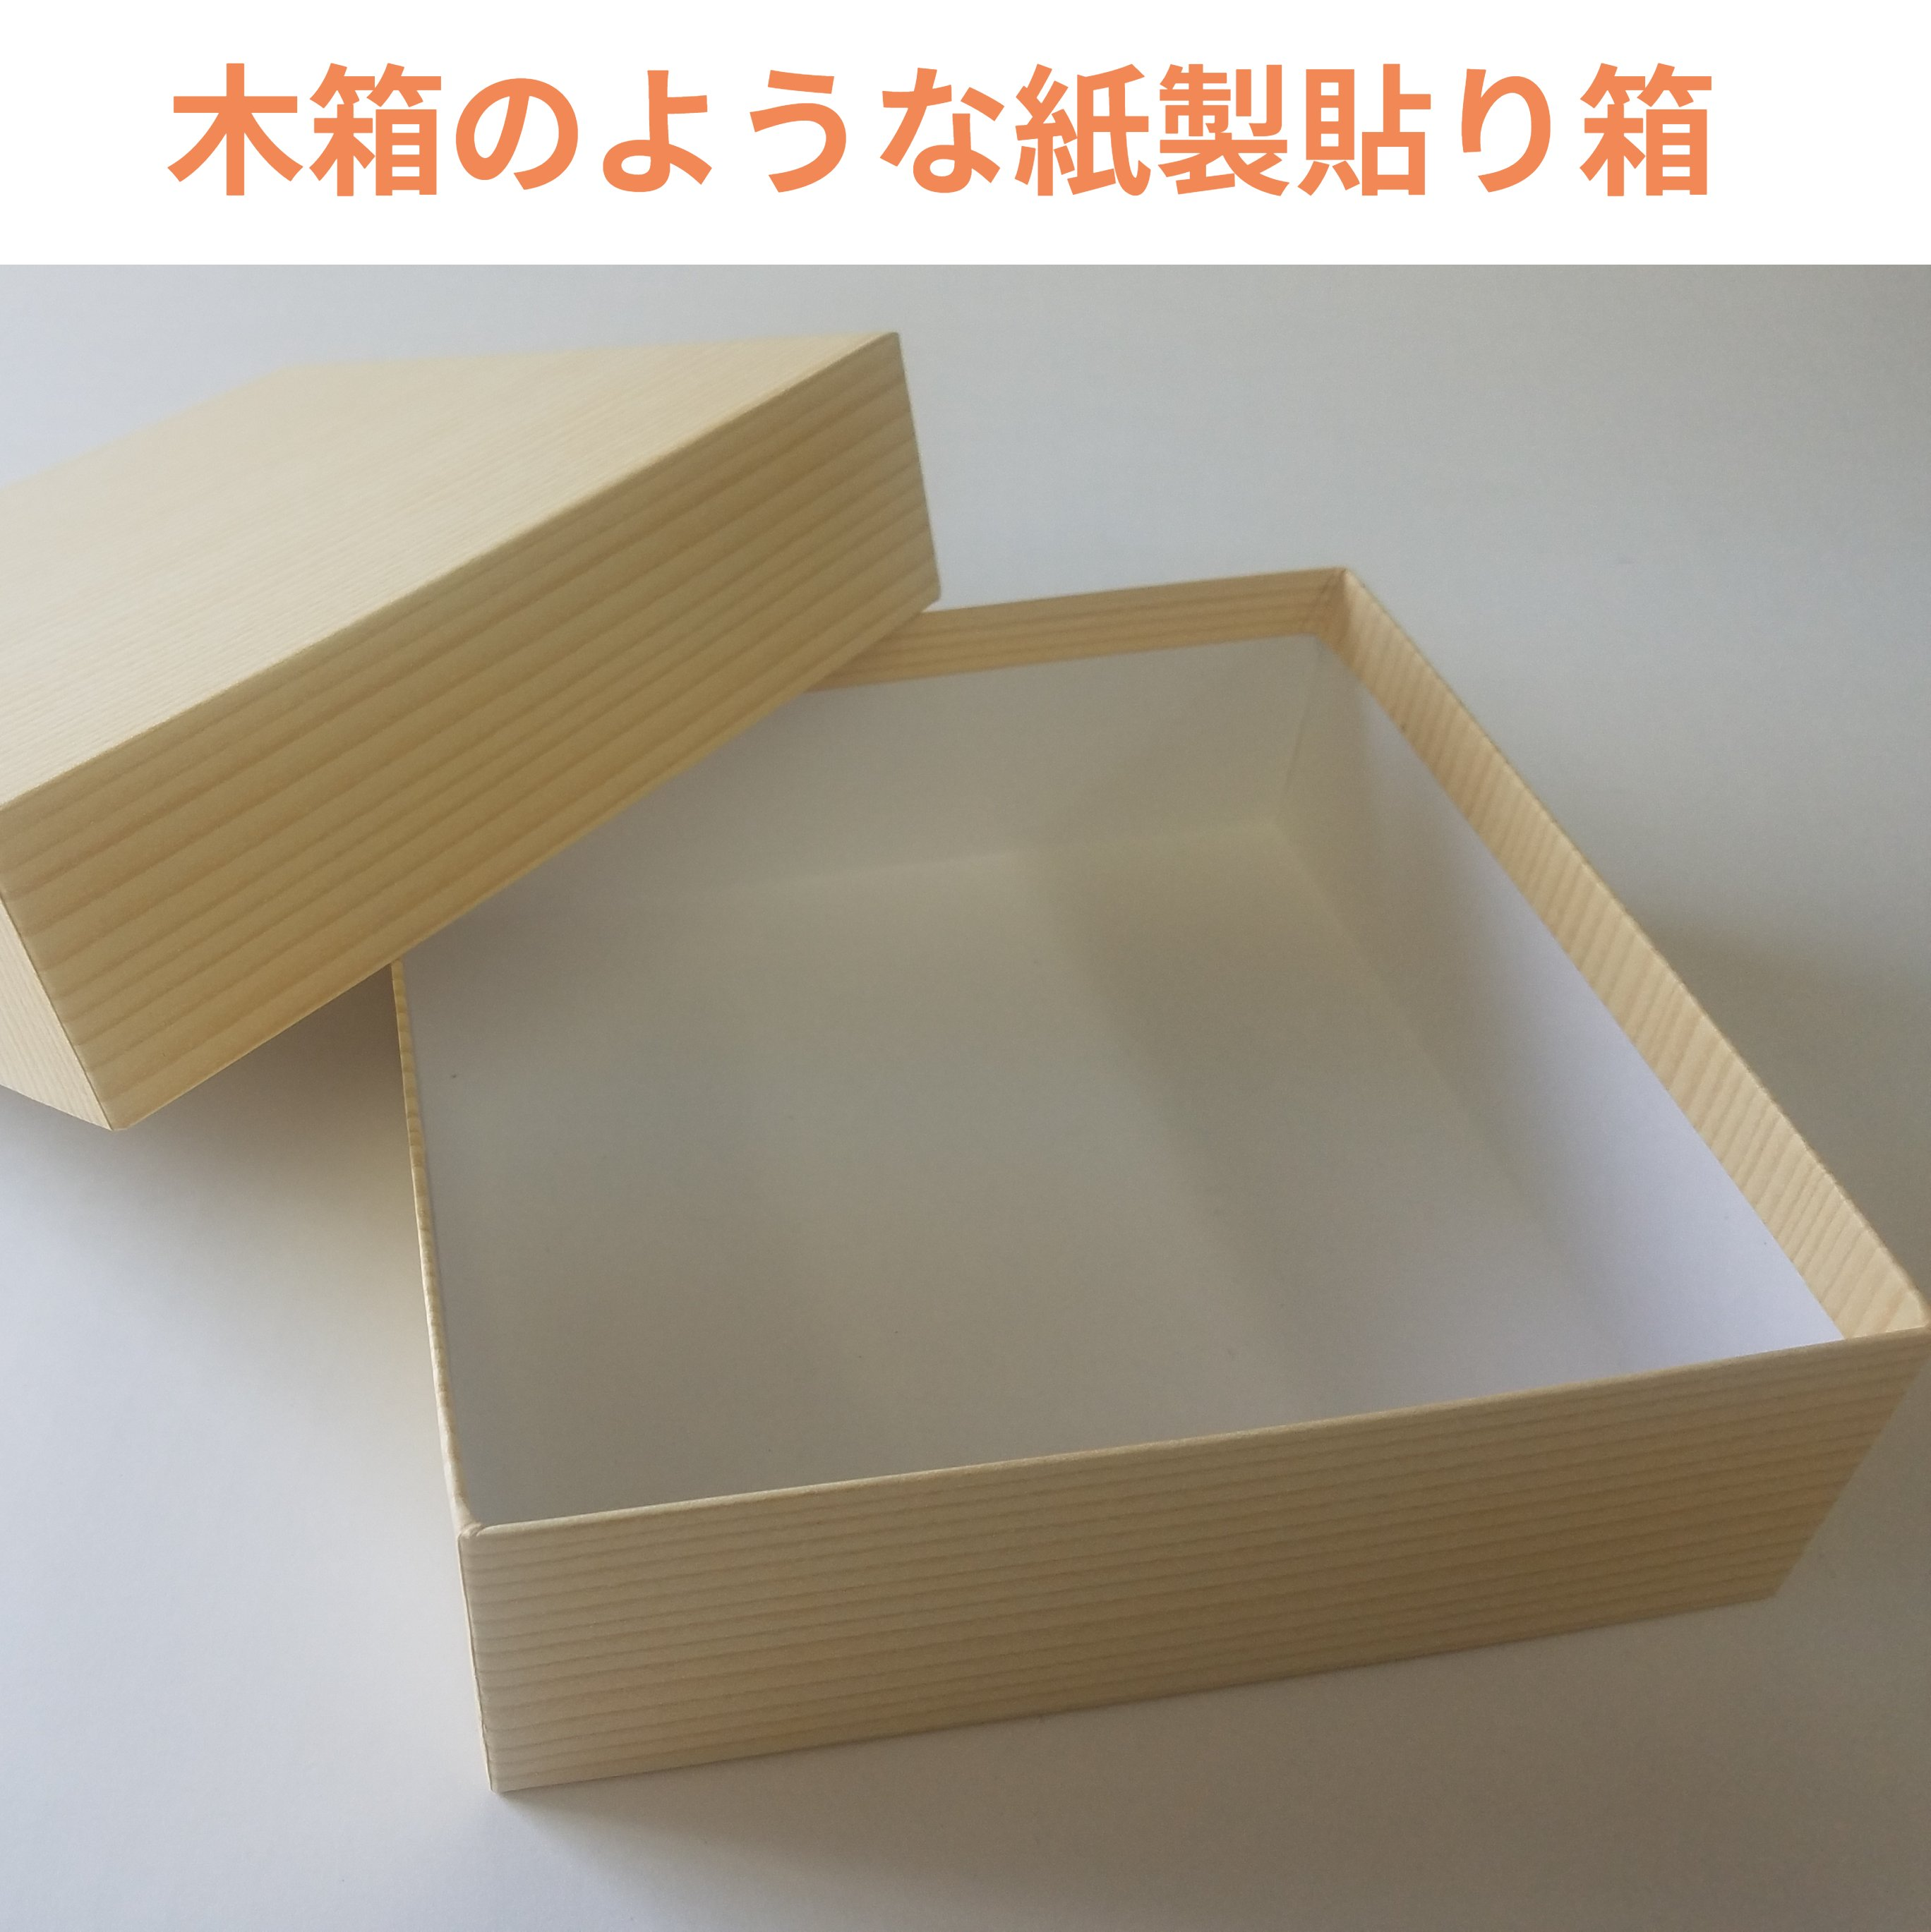 期間限定 木箱のような紙製箱 激安特価品 さらにお得な5個セット @280小物入れ用箱紙製 箱木箱もどき ギフトボックス